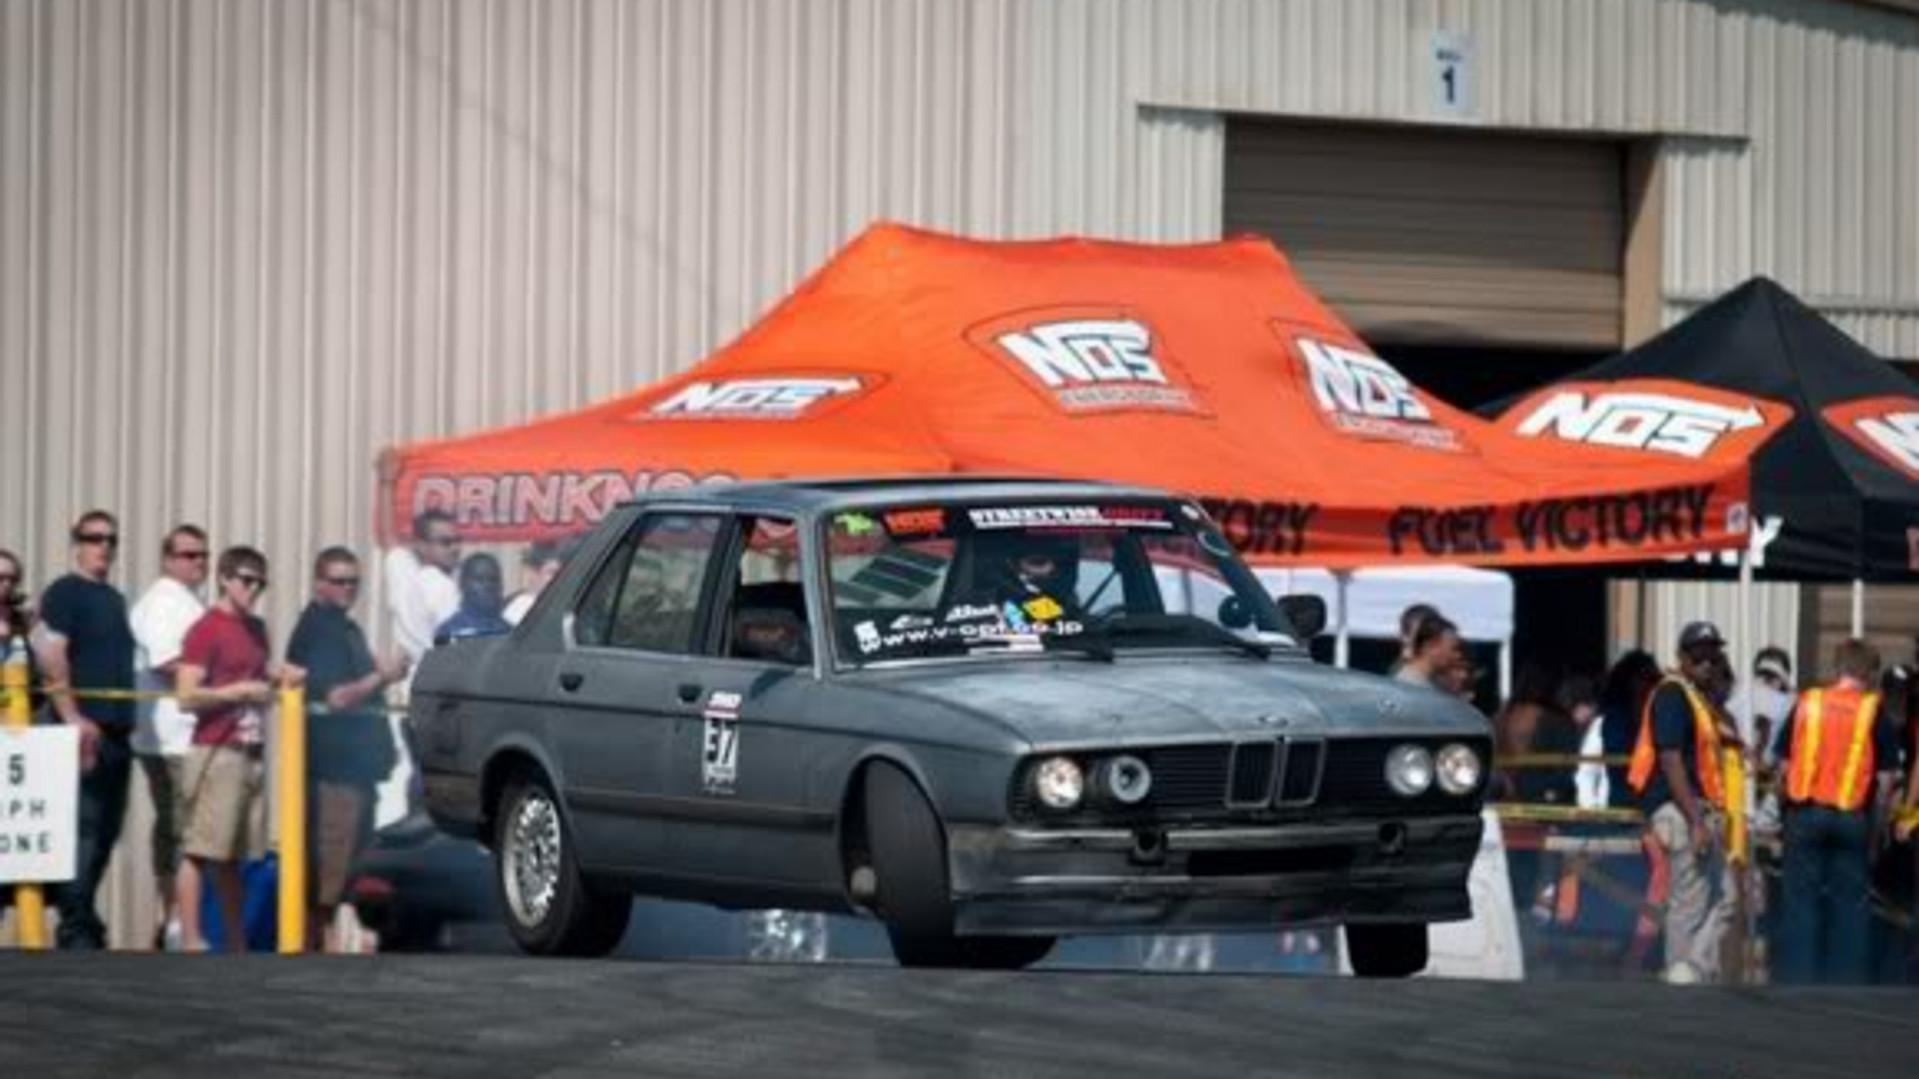 David Drifting 1985 BMW 535 at Speedwise Drift